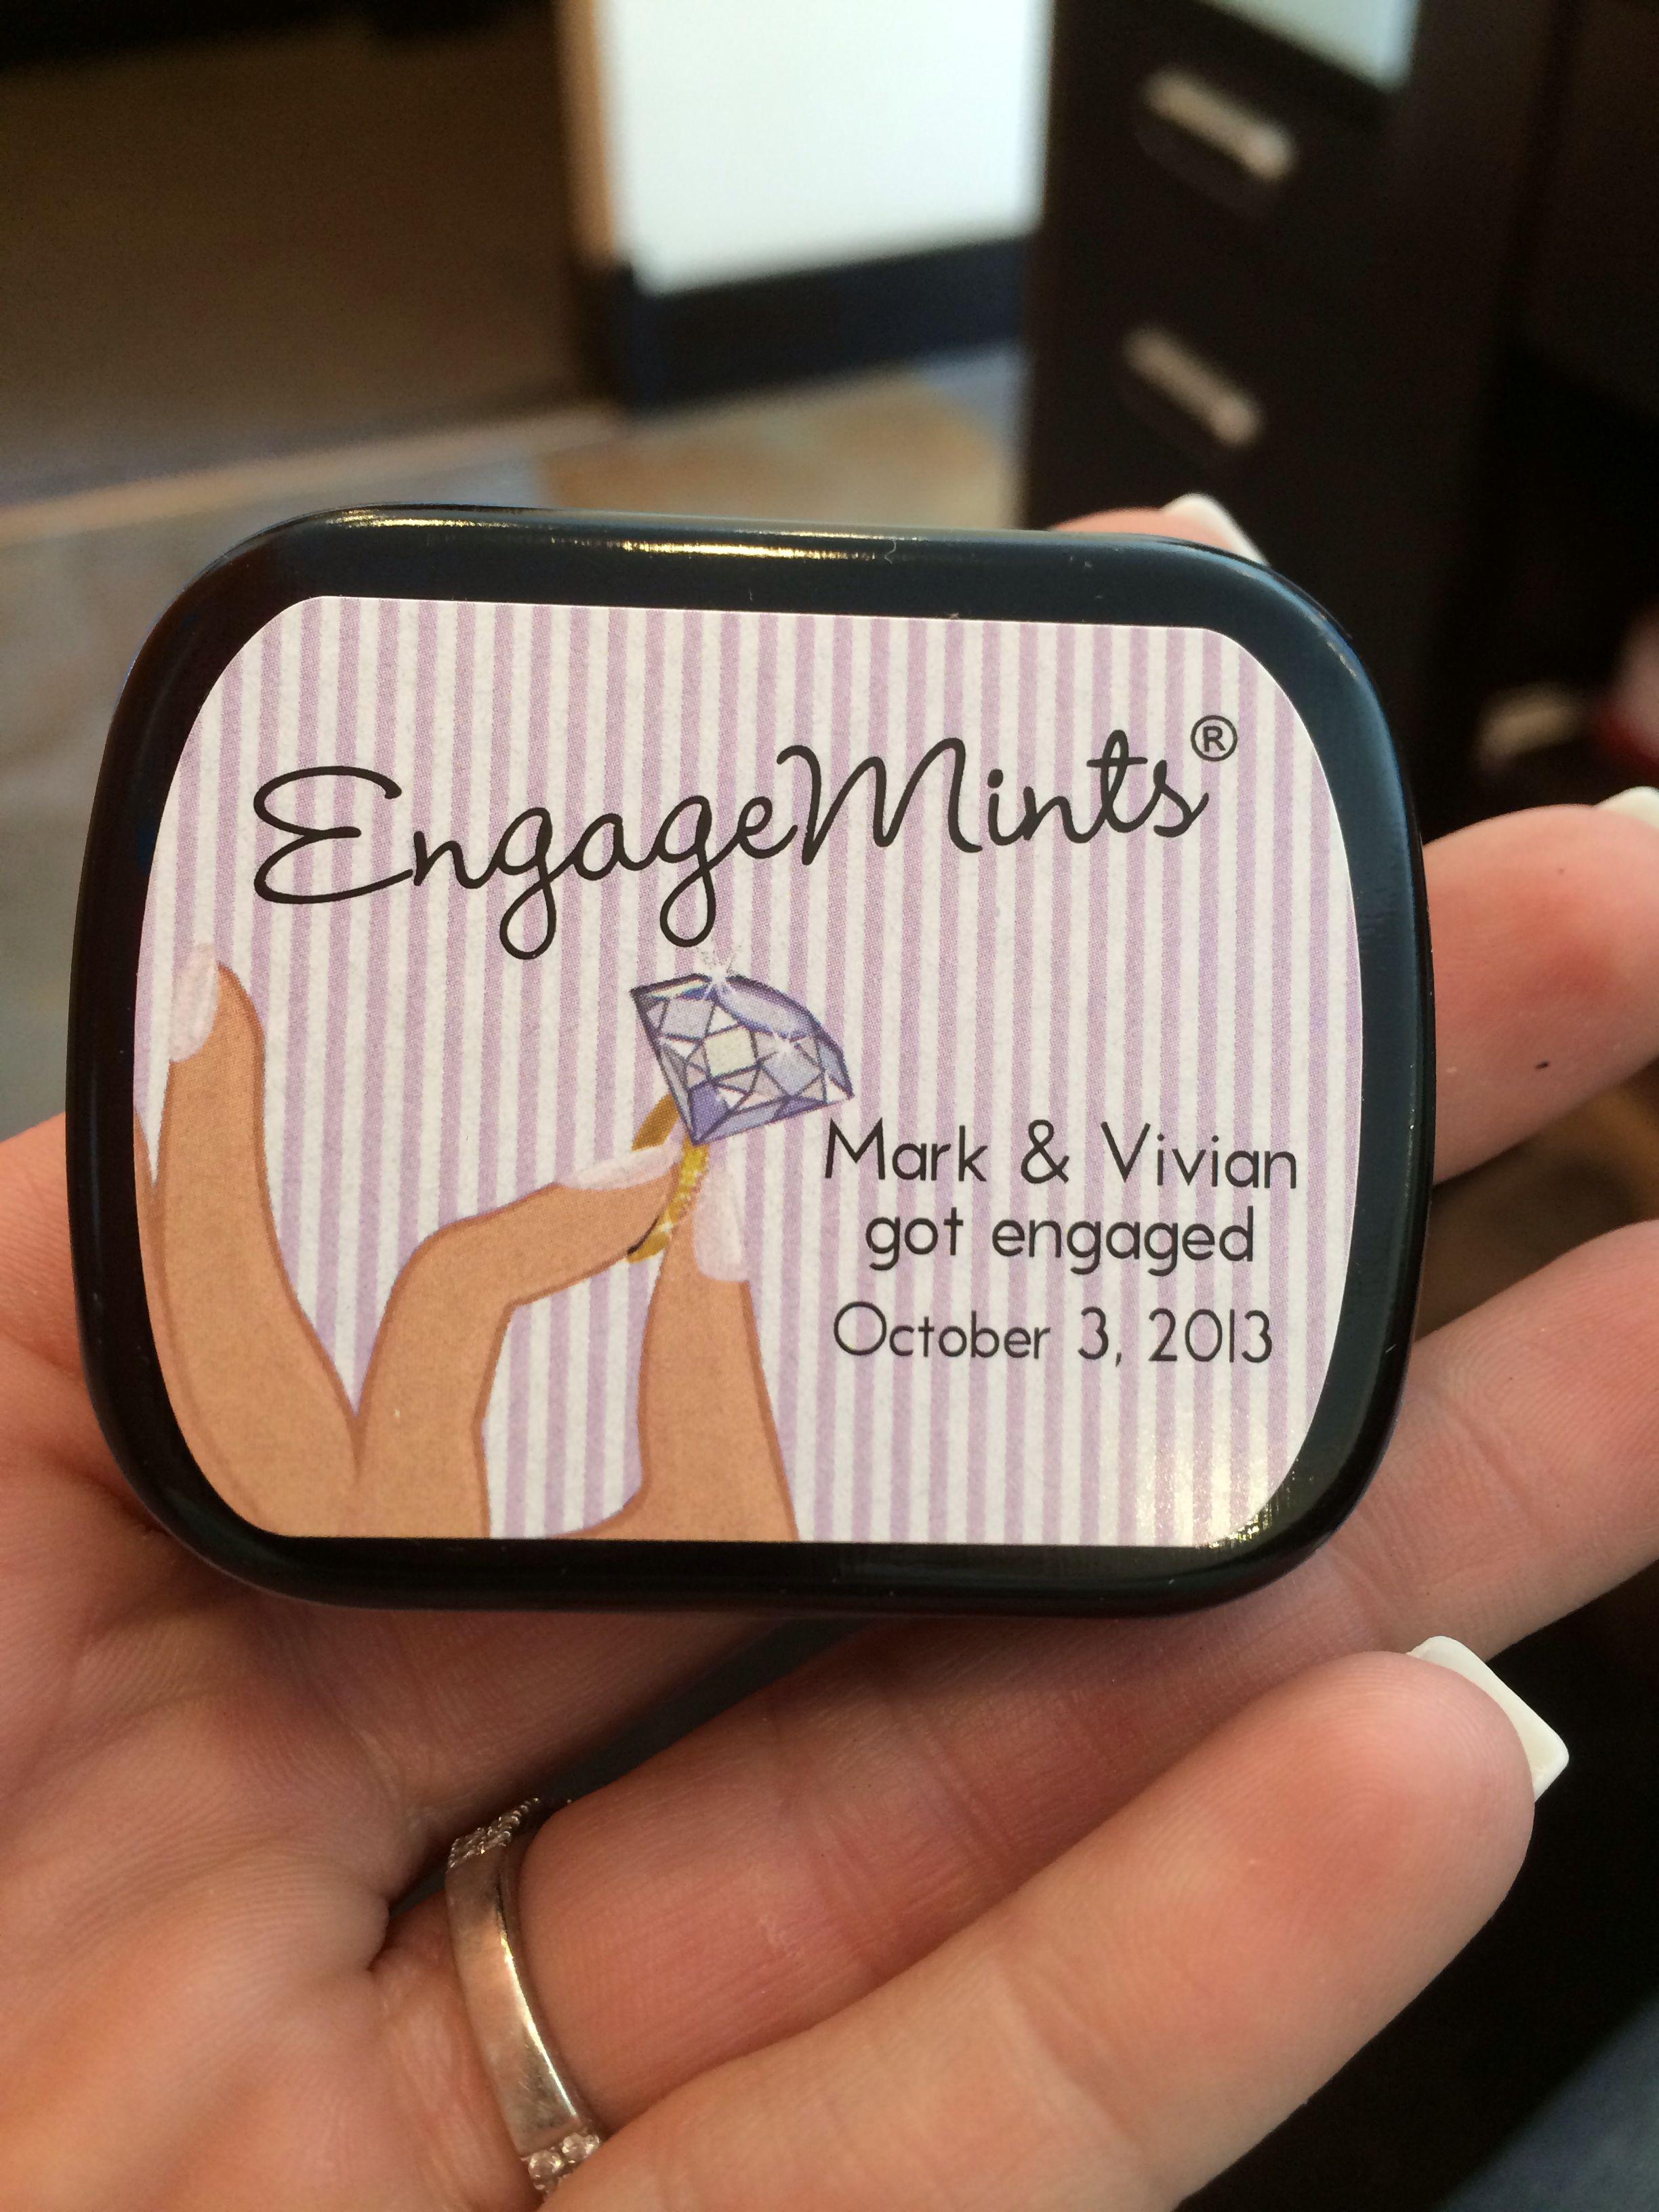 engagemints great idea for our engagement party favors vivandmark